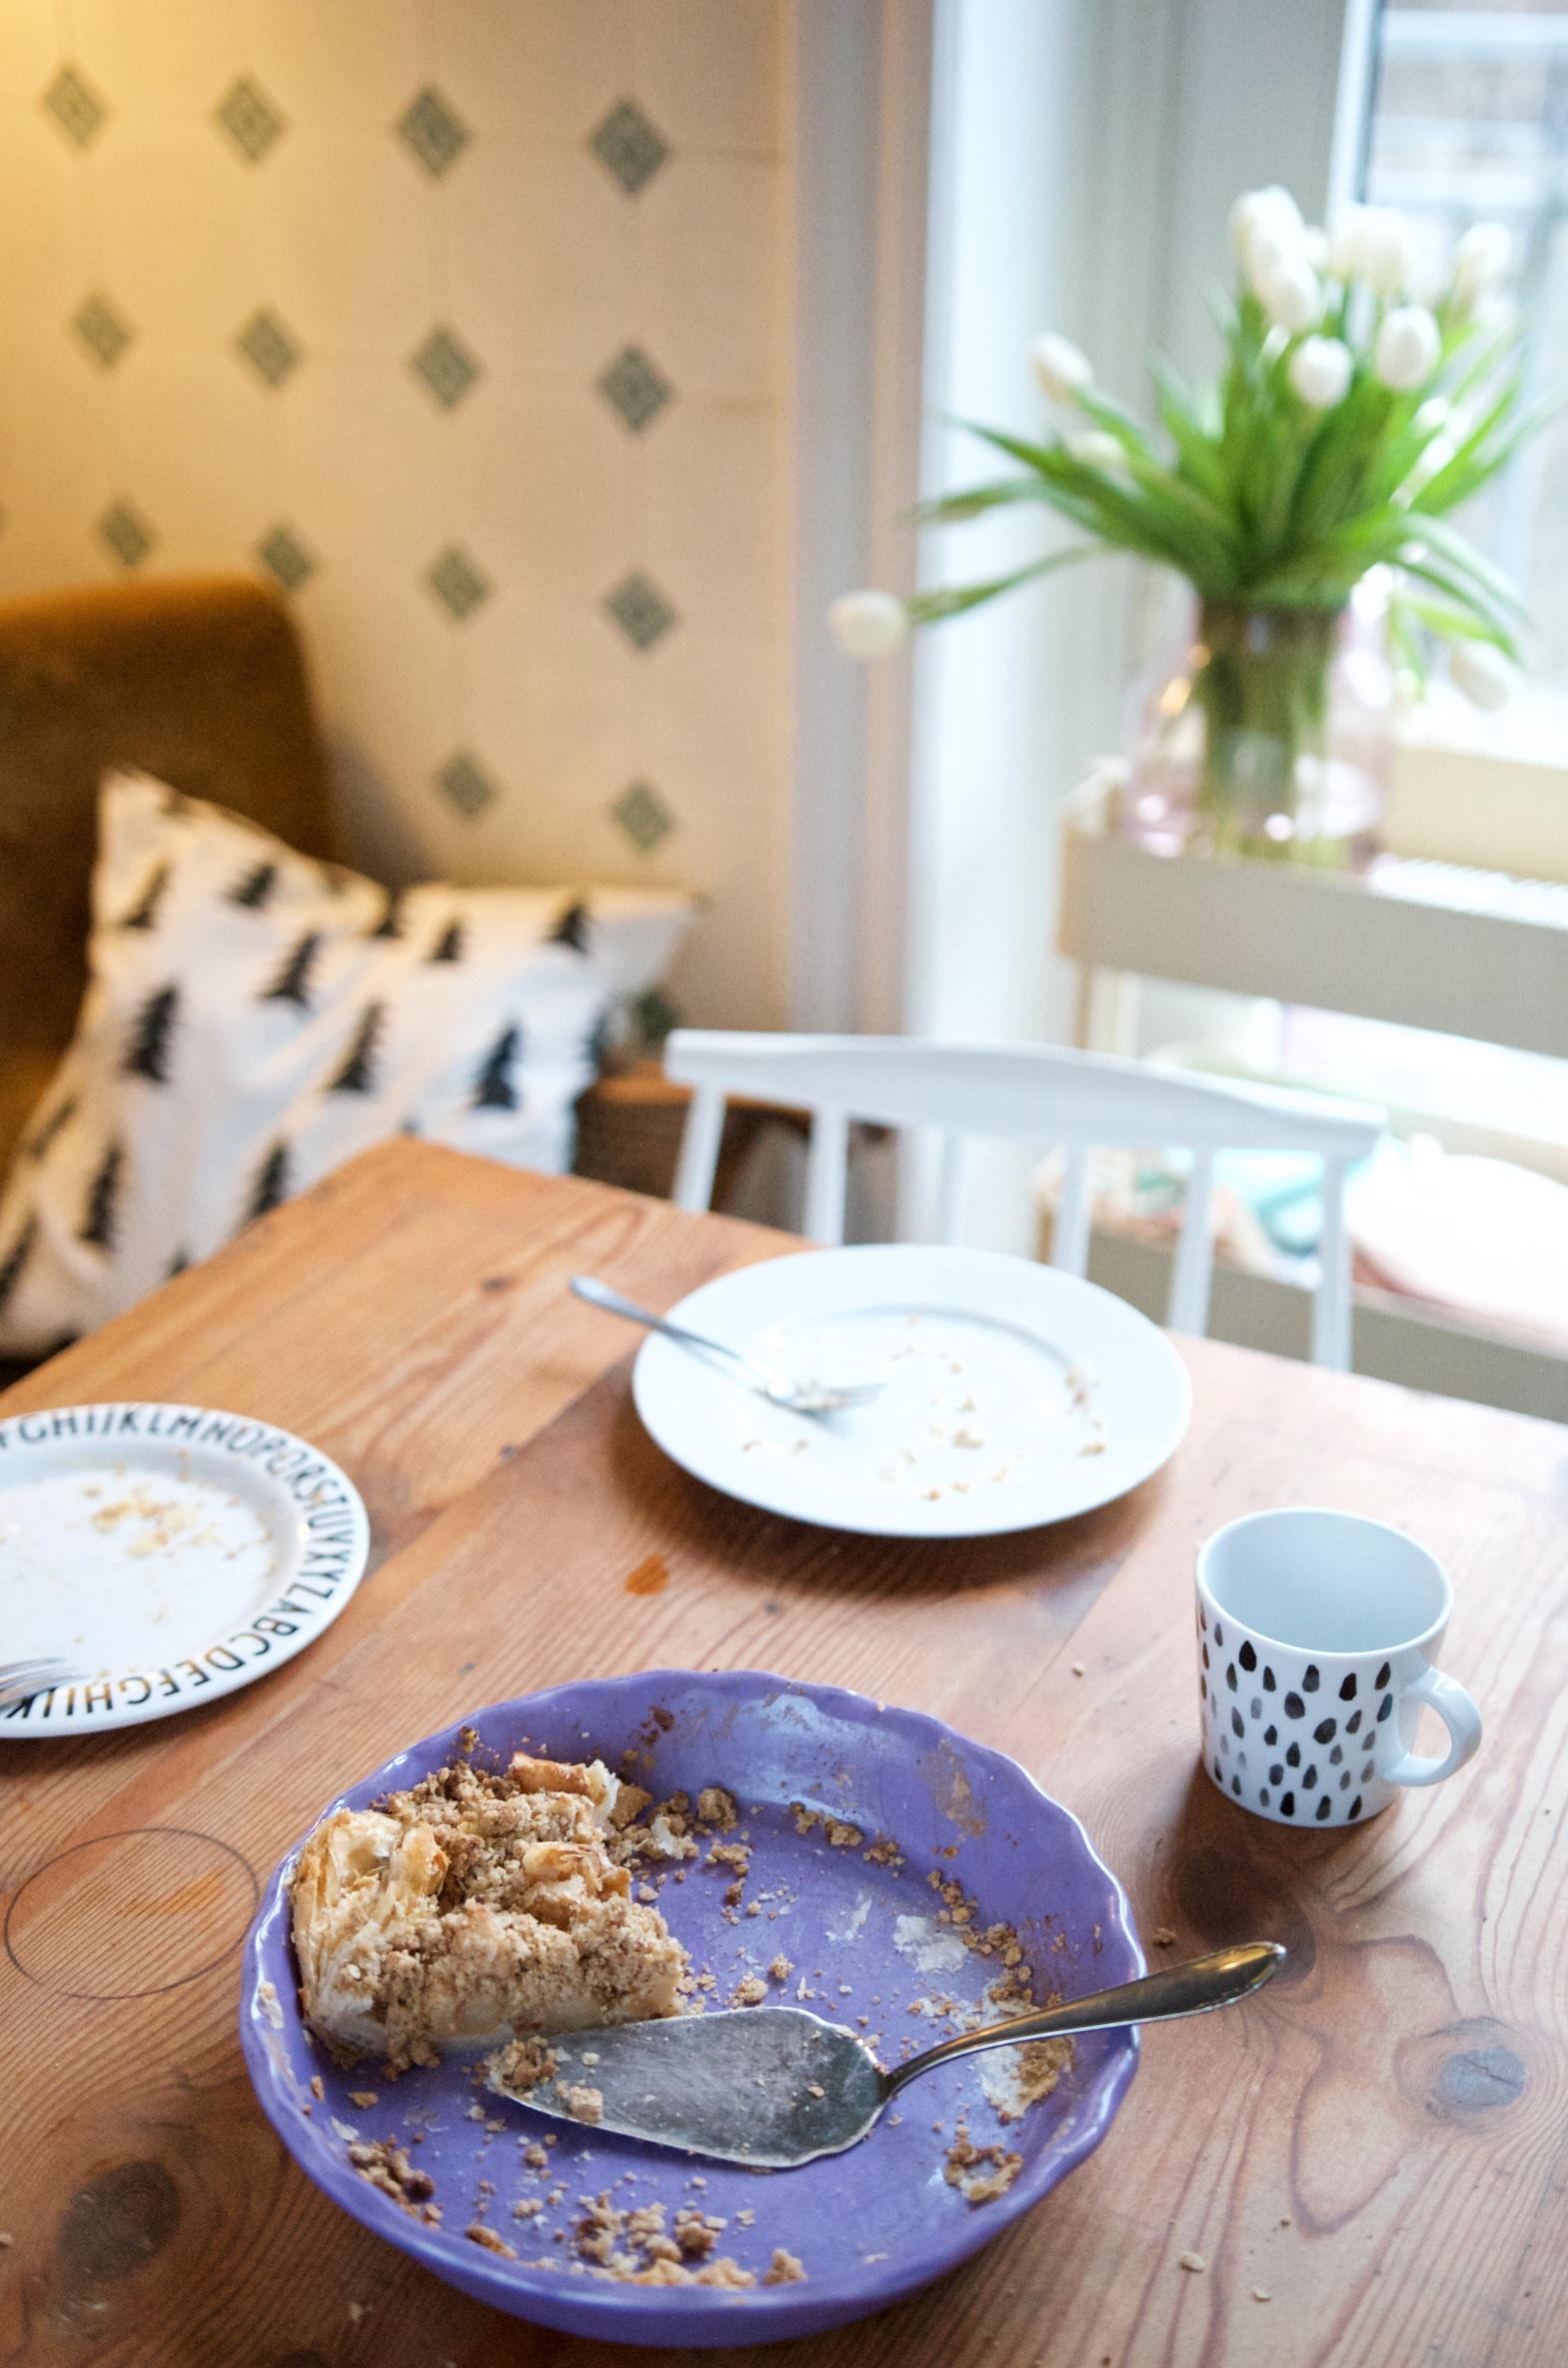 Apple Crumble auf altem Holztisch in Auflaufform von Rice